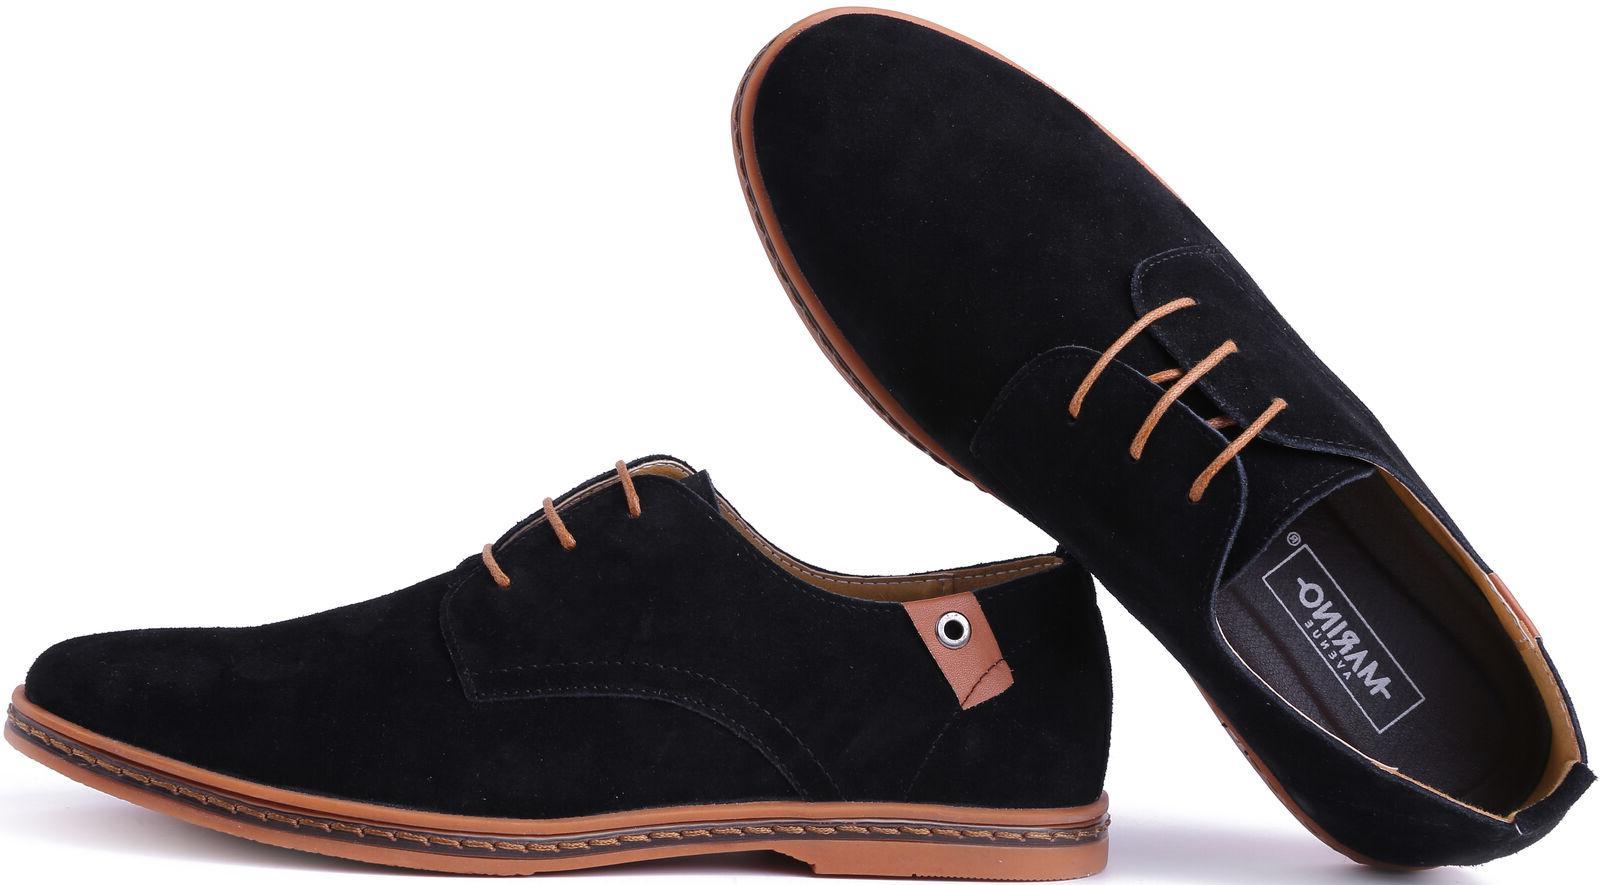 Marino Shoes Business Casual - Tuxedo